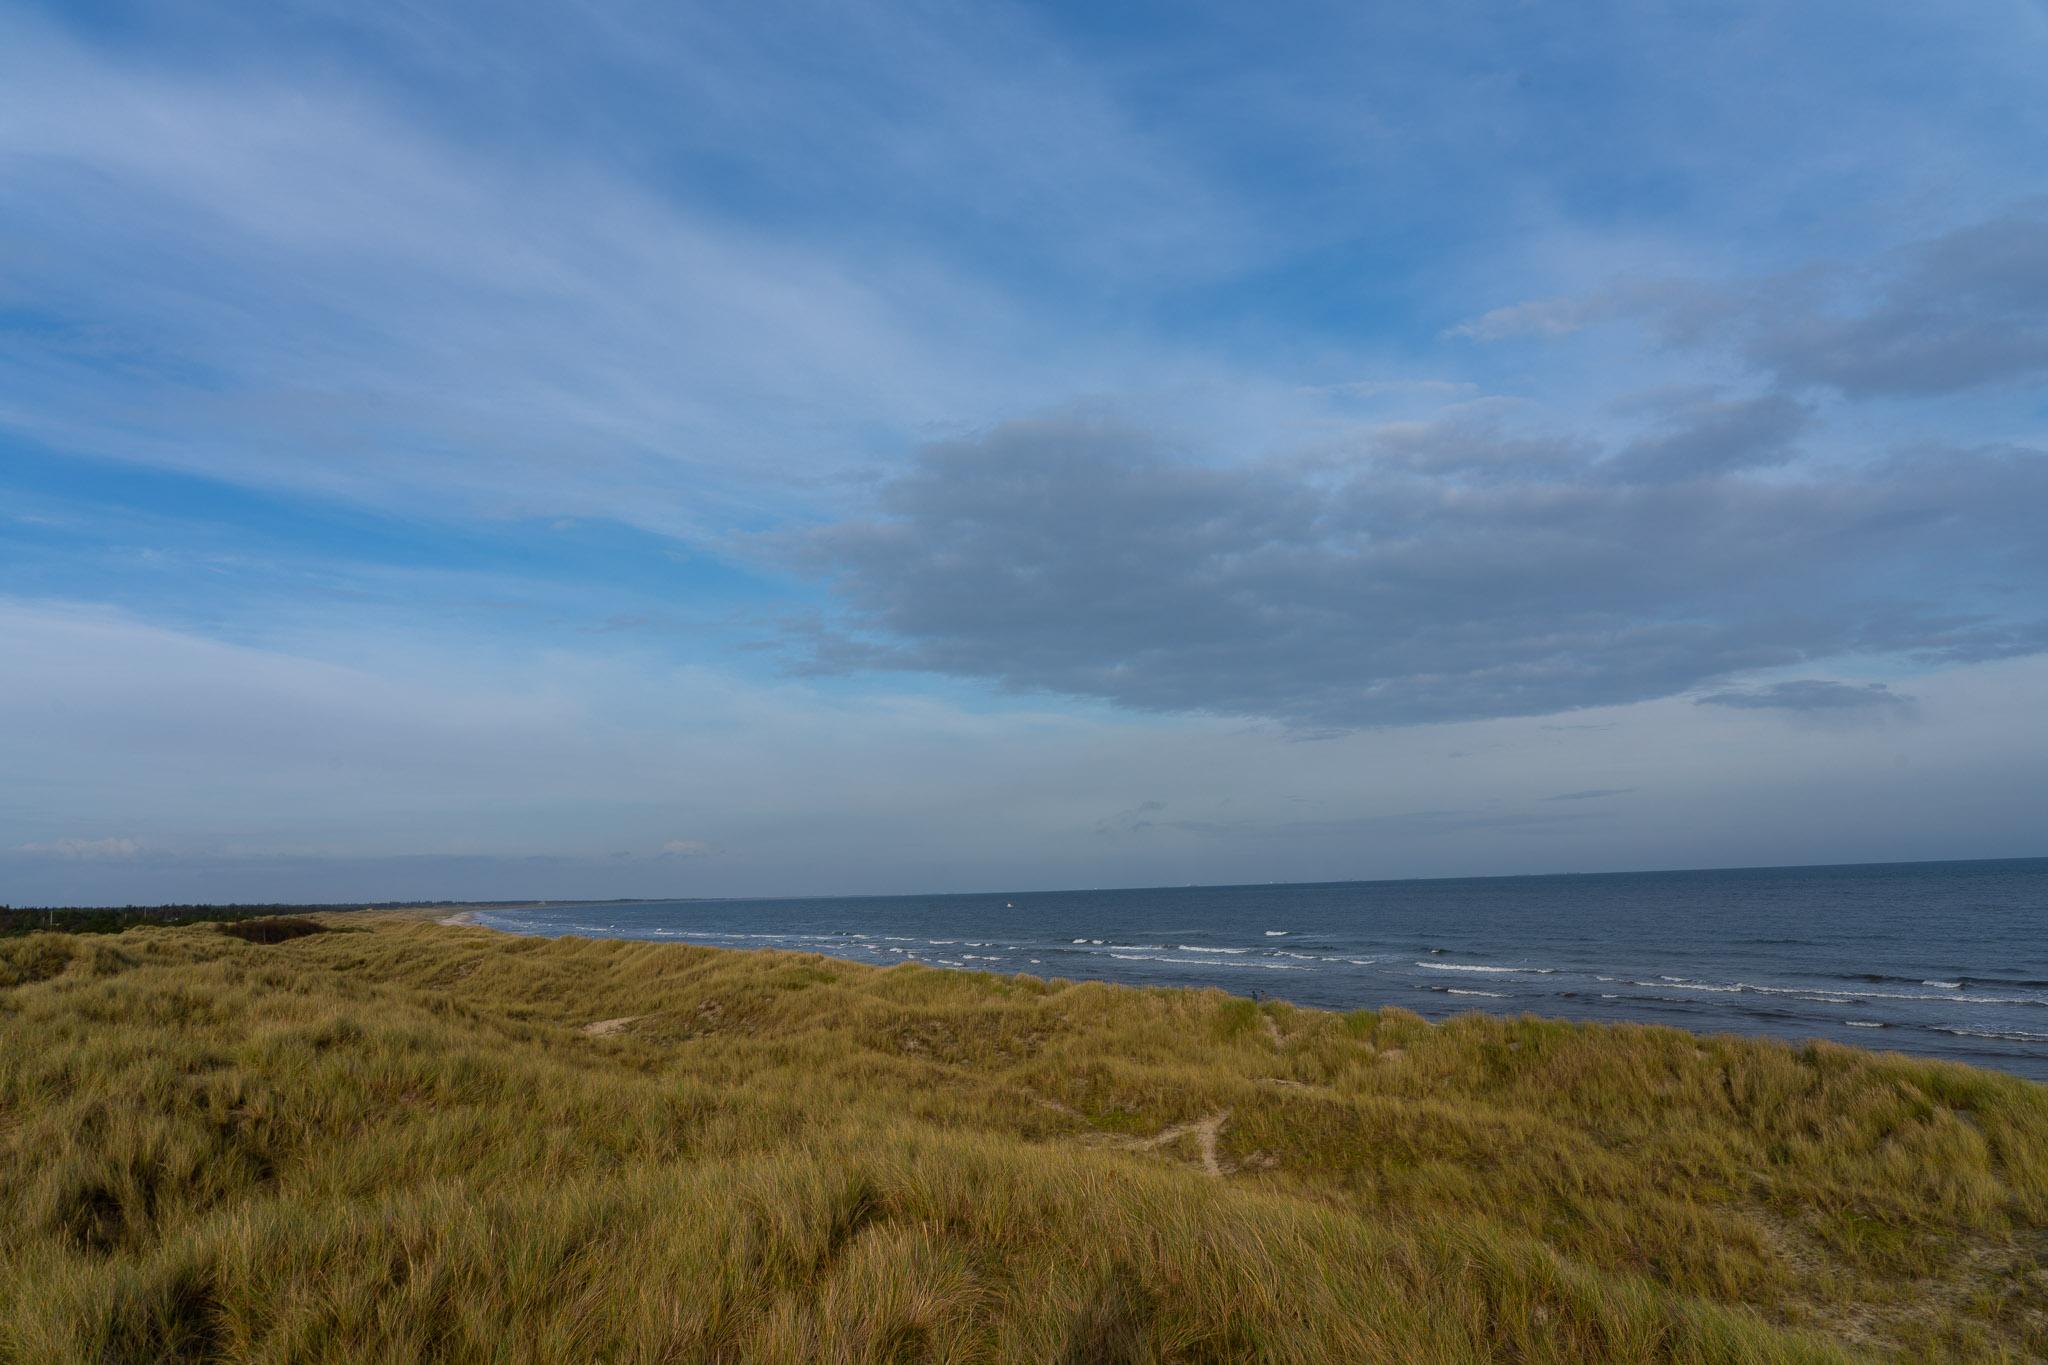 Strand in Ålbæk